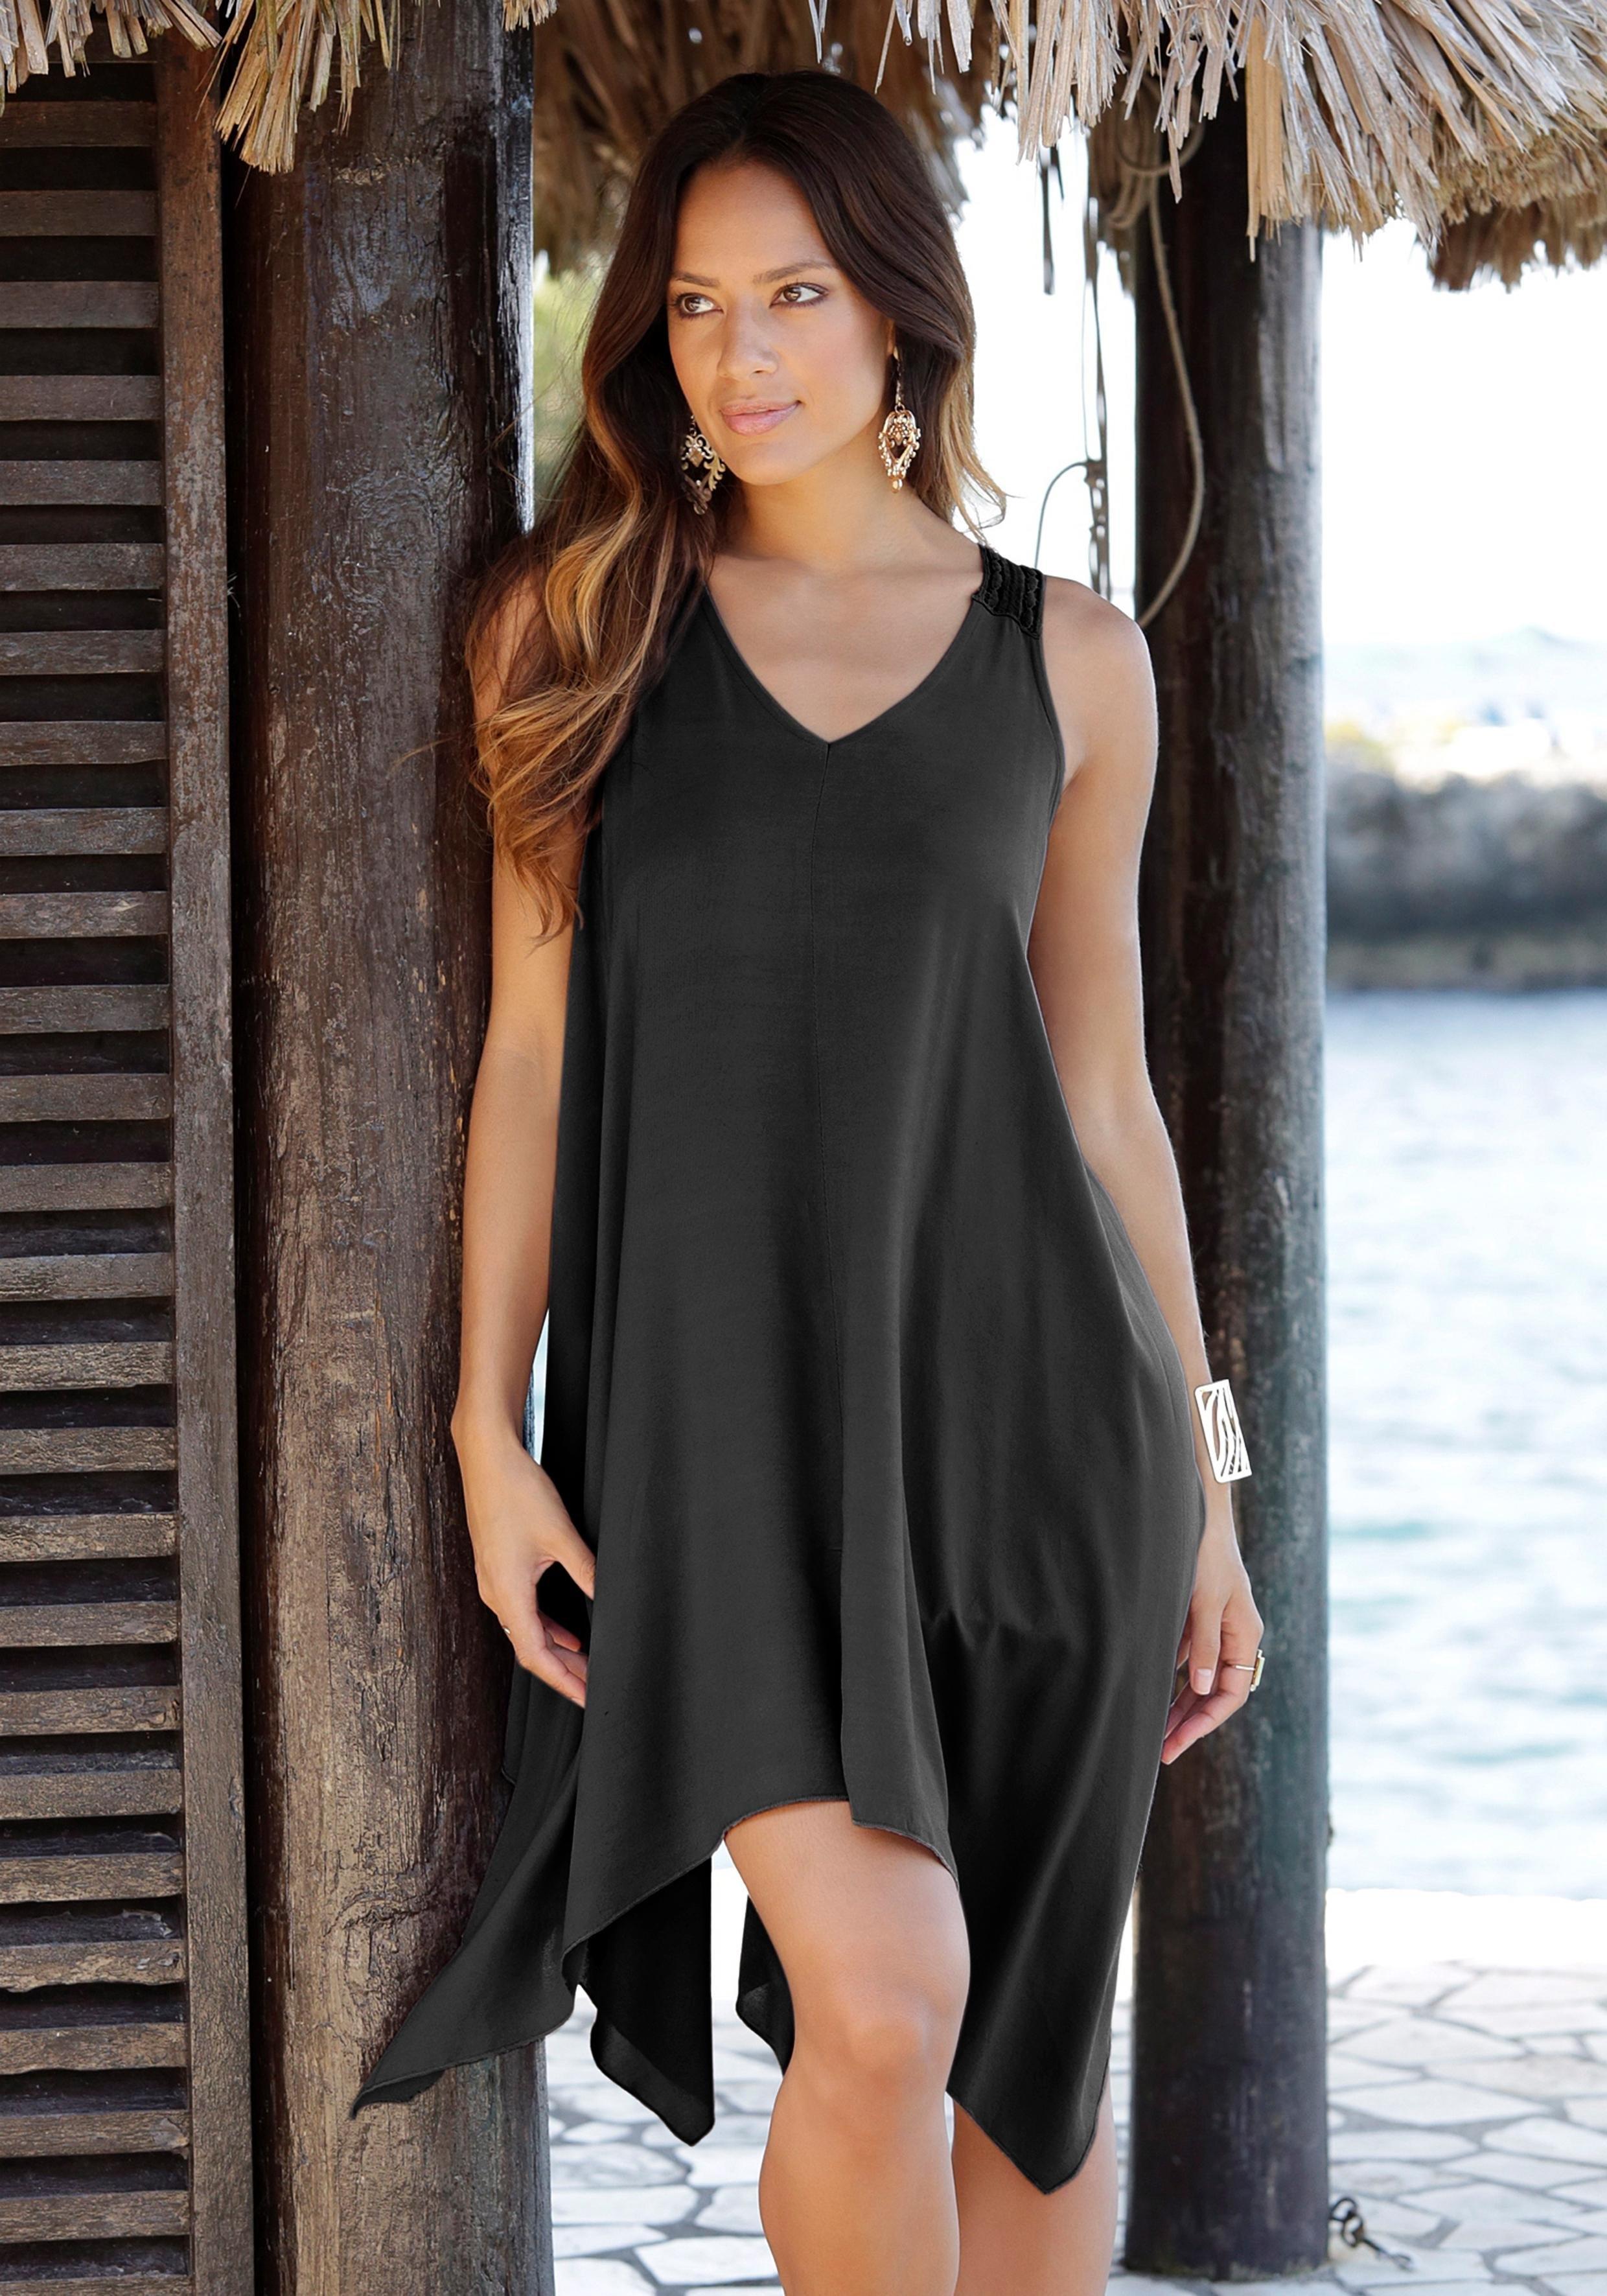 c03e1a3a854419 A-lijn jurken kopen  Kies uit een gevarieerd aanbod A-lijn jurken